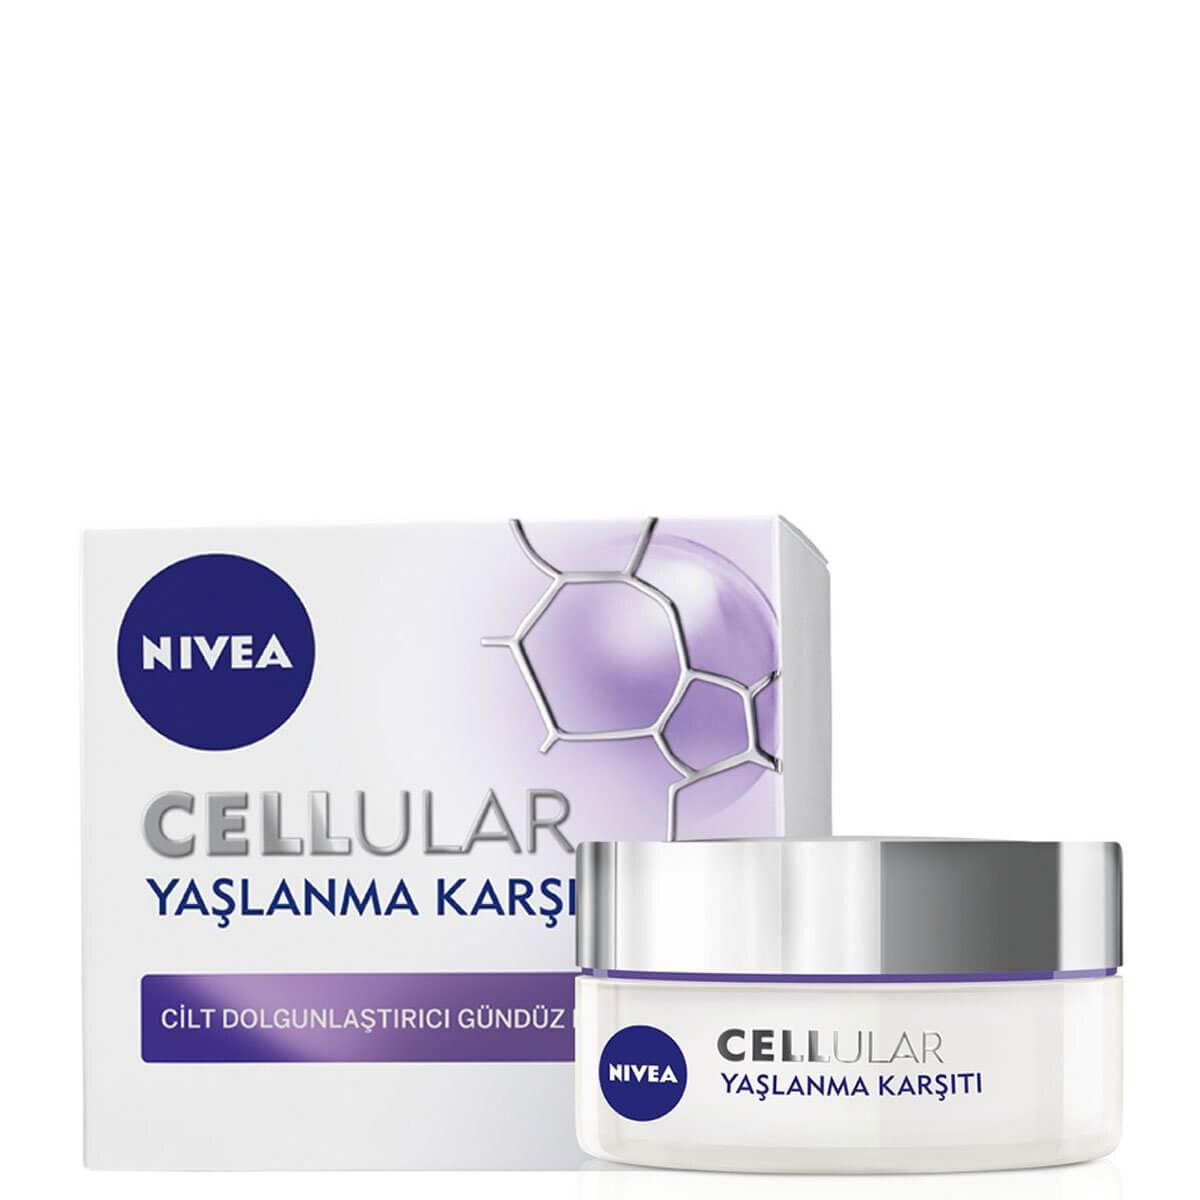 Visage Cellular Dolgunlaştırıcı Gündüz Kremi 50 ml